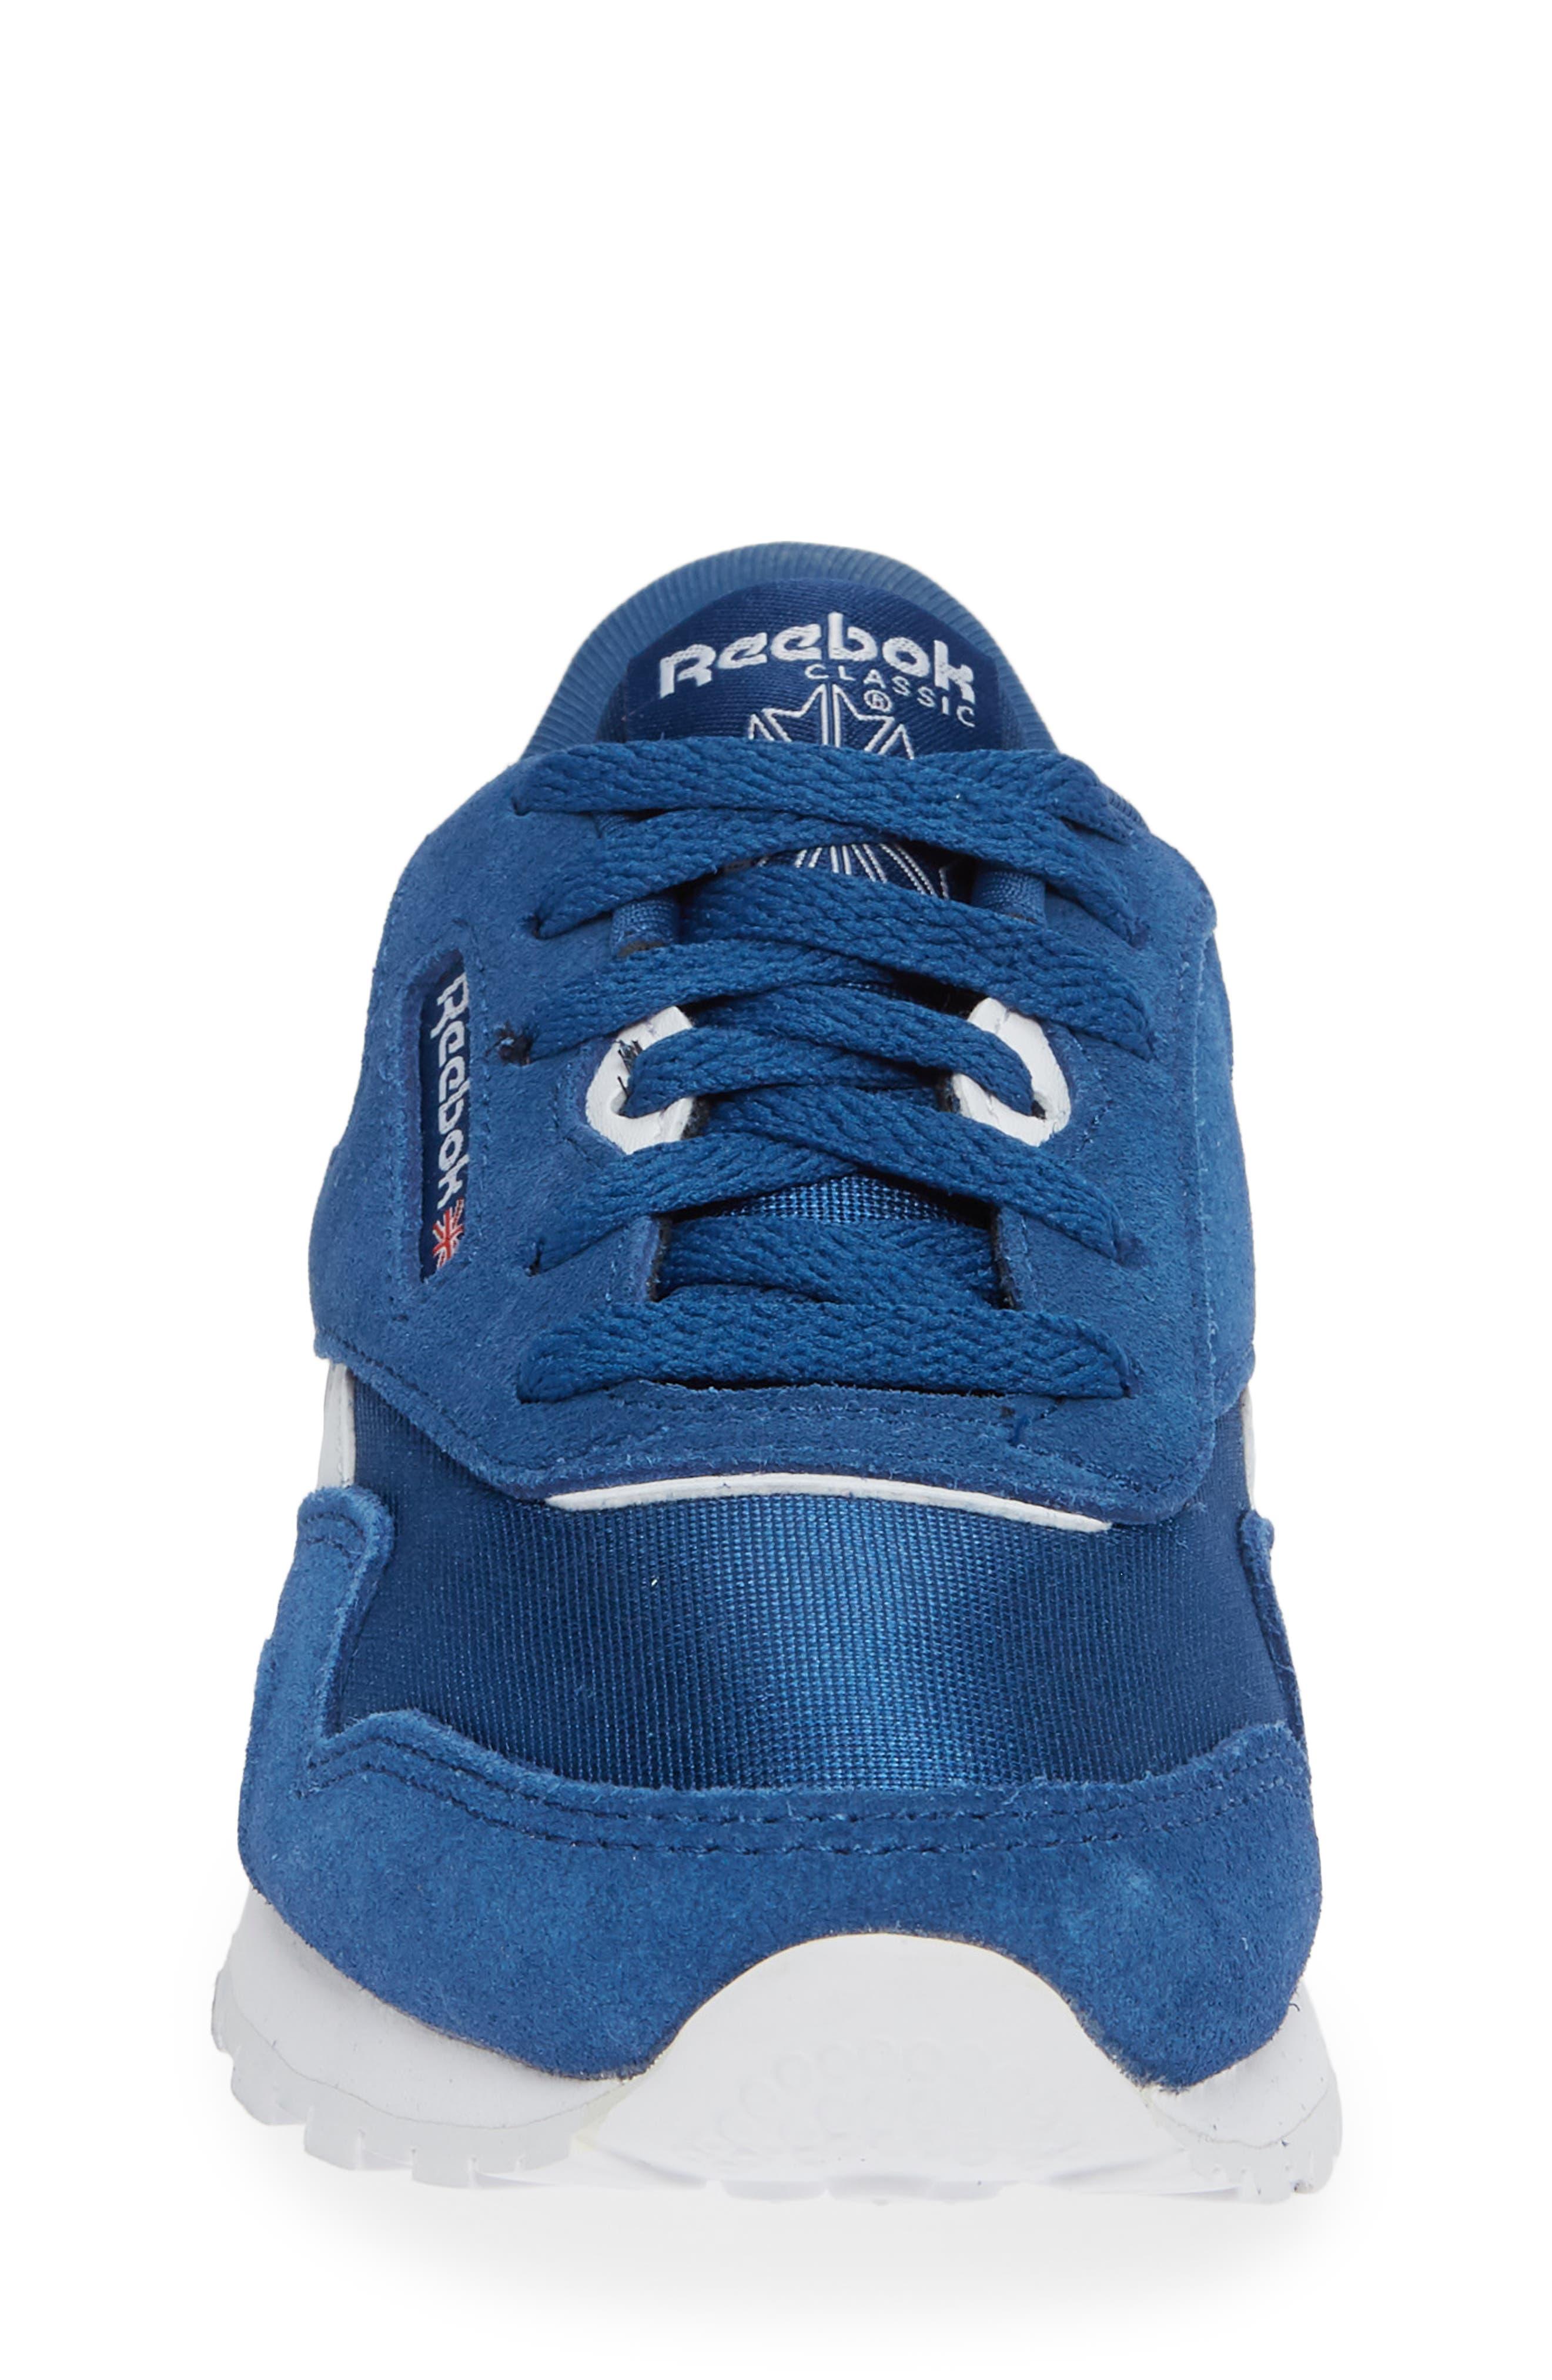 Classic Nylon Sneaker,                             Alternate thumbnail 4, color,                             Bunker Blue/ White